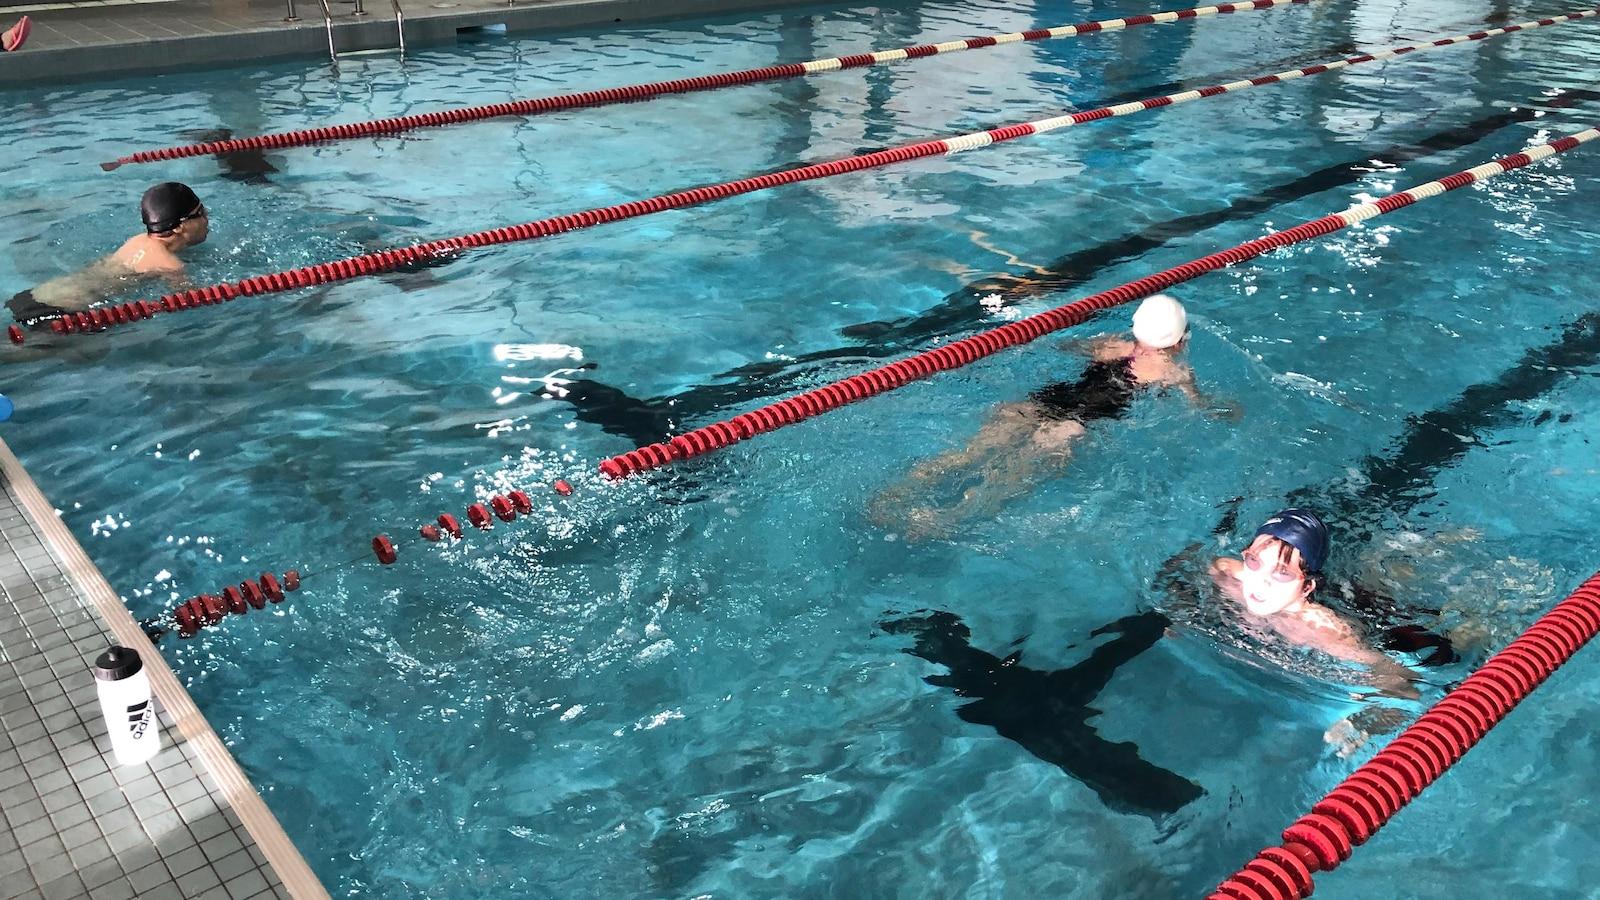 Deux nageurs se croisent dans un couloir de la piscine.